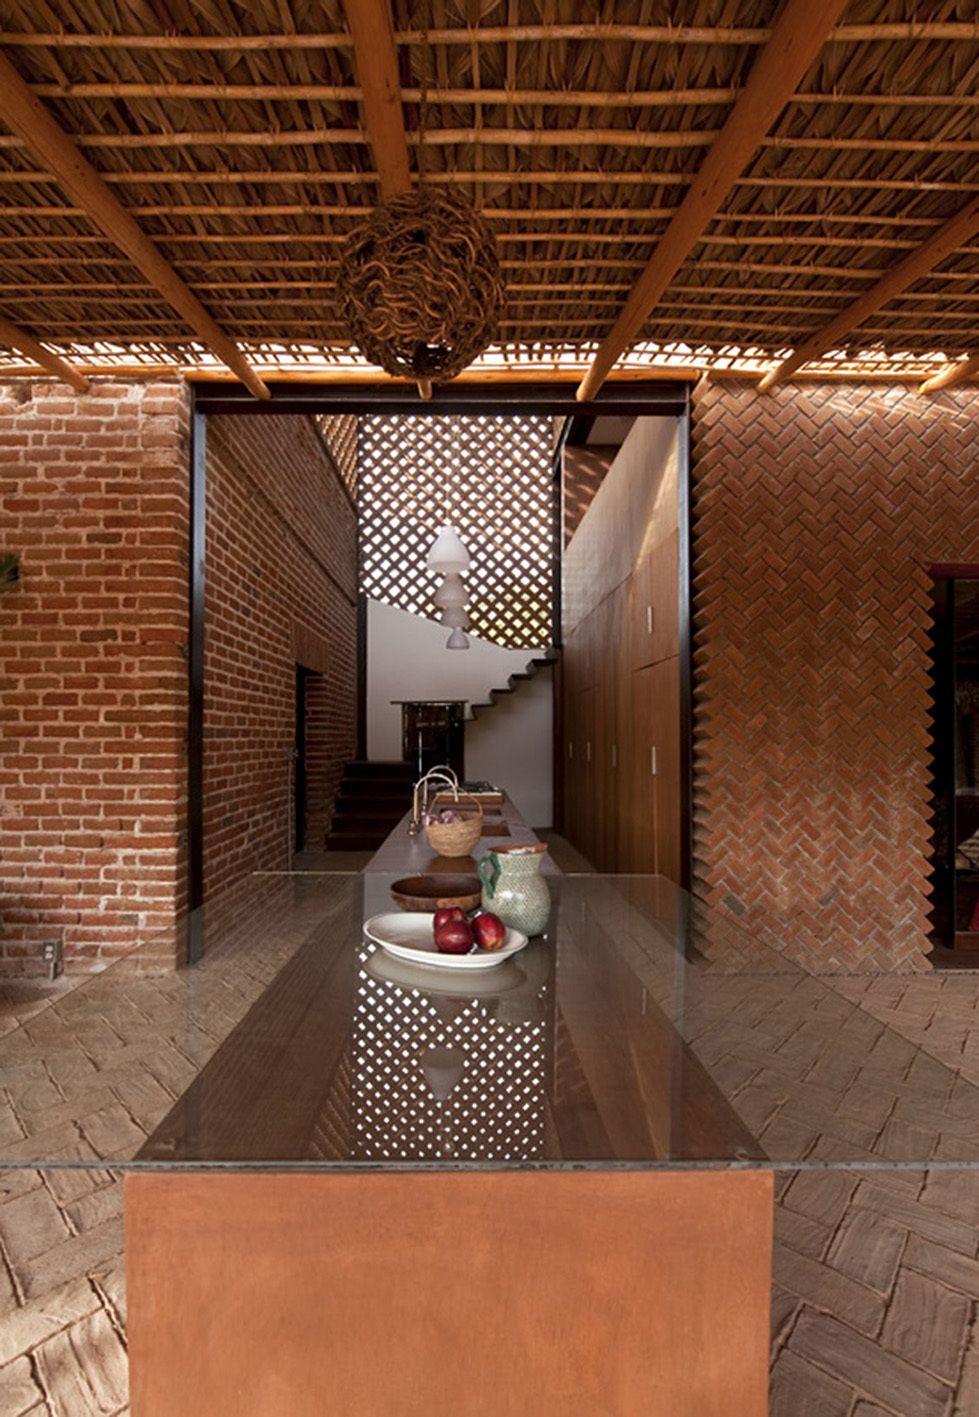 Galer a de casa tabique tac taller de arquitectura for Arquitectura de casas modernas